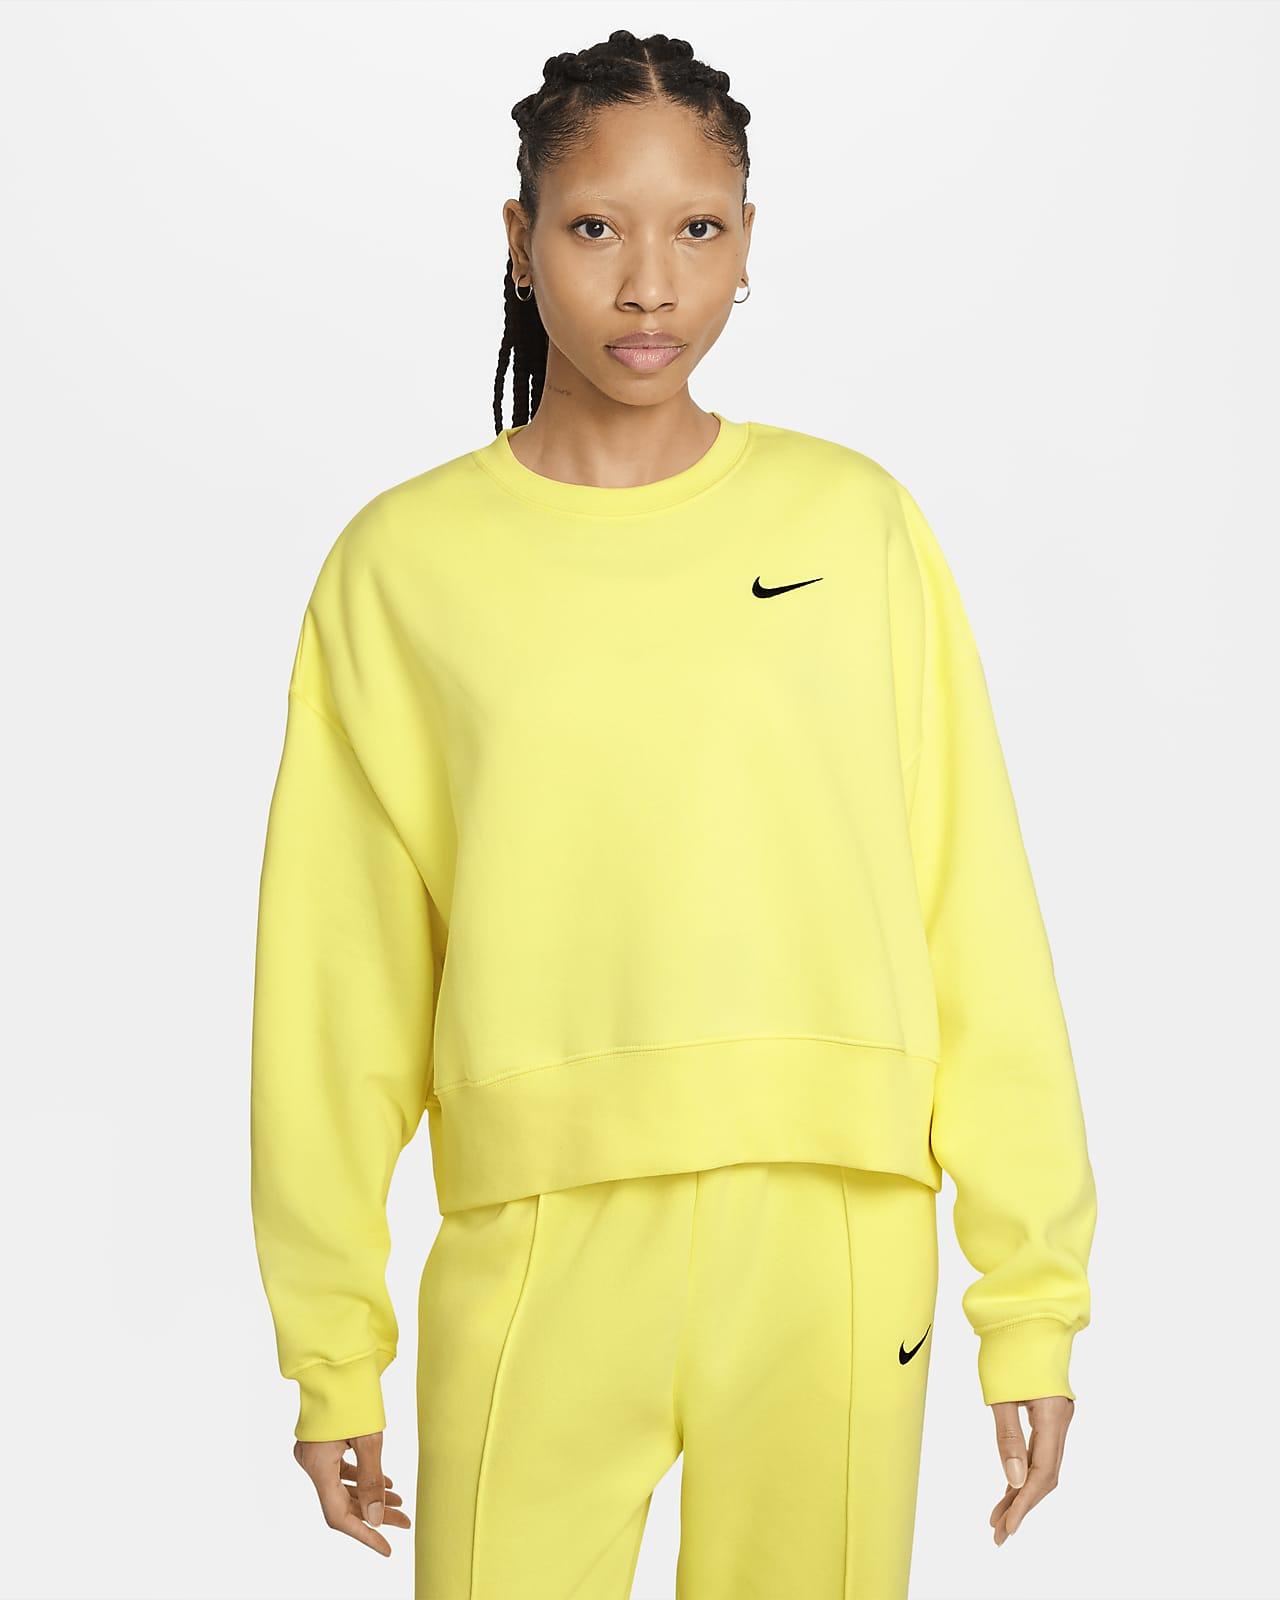 Женская укороченная флисовая футболка Nike Sportswear